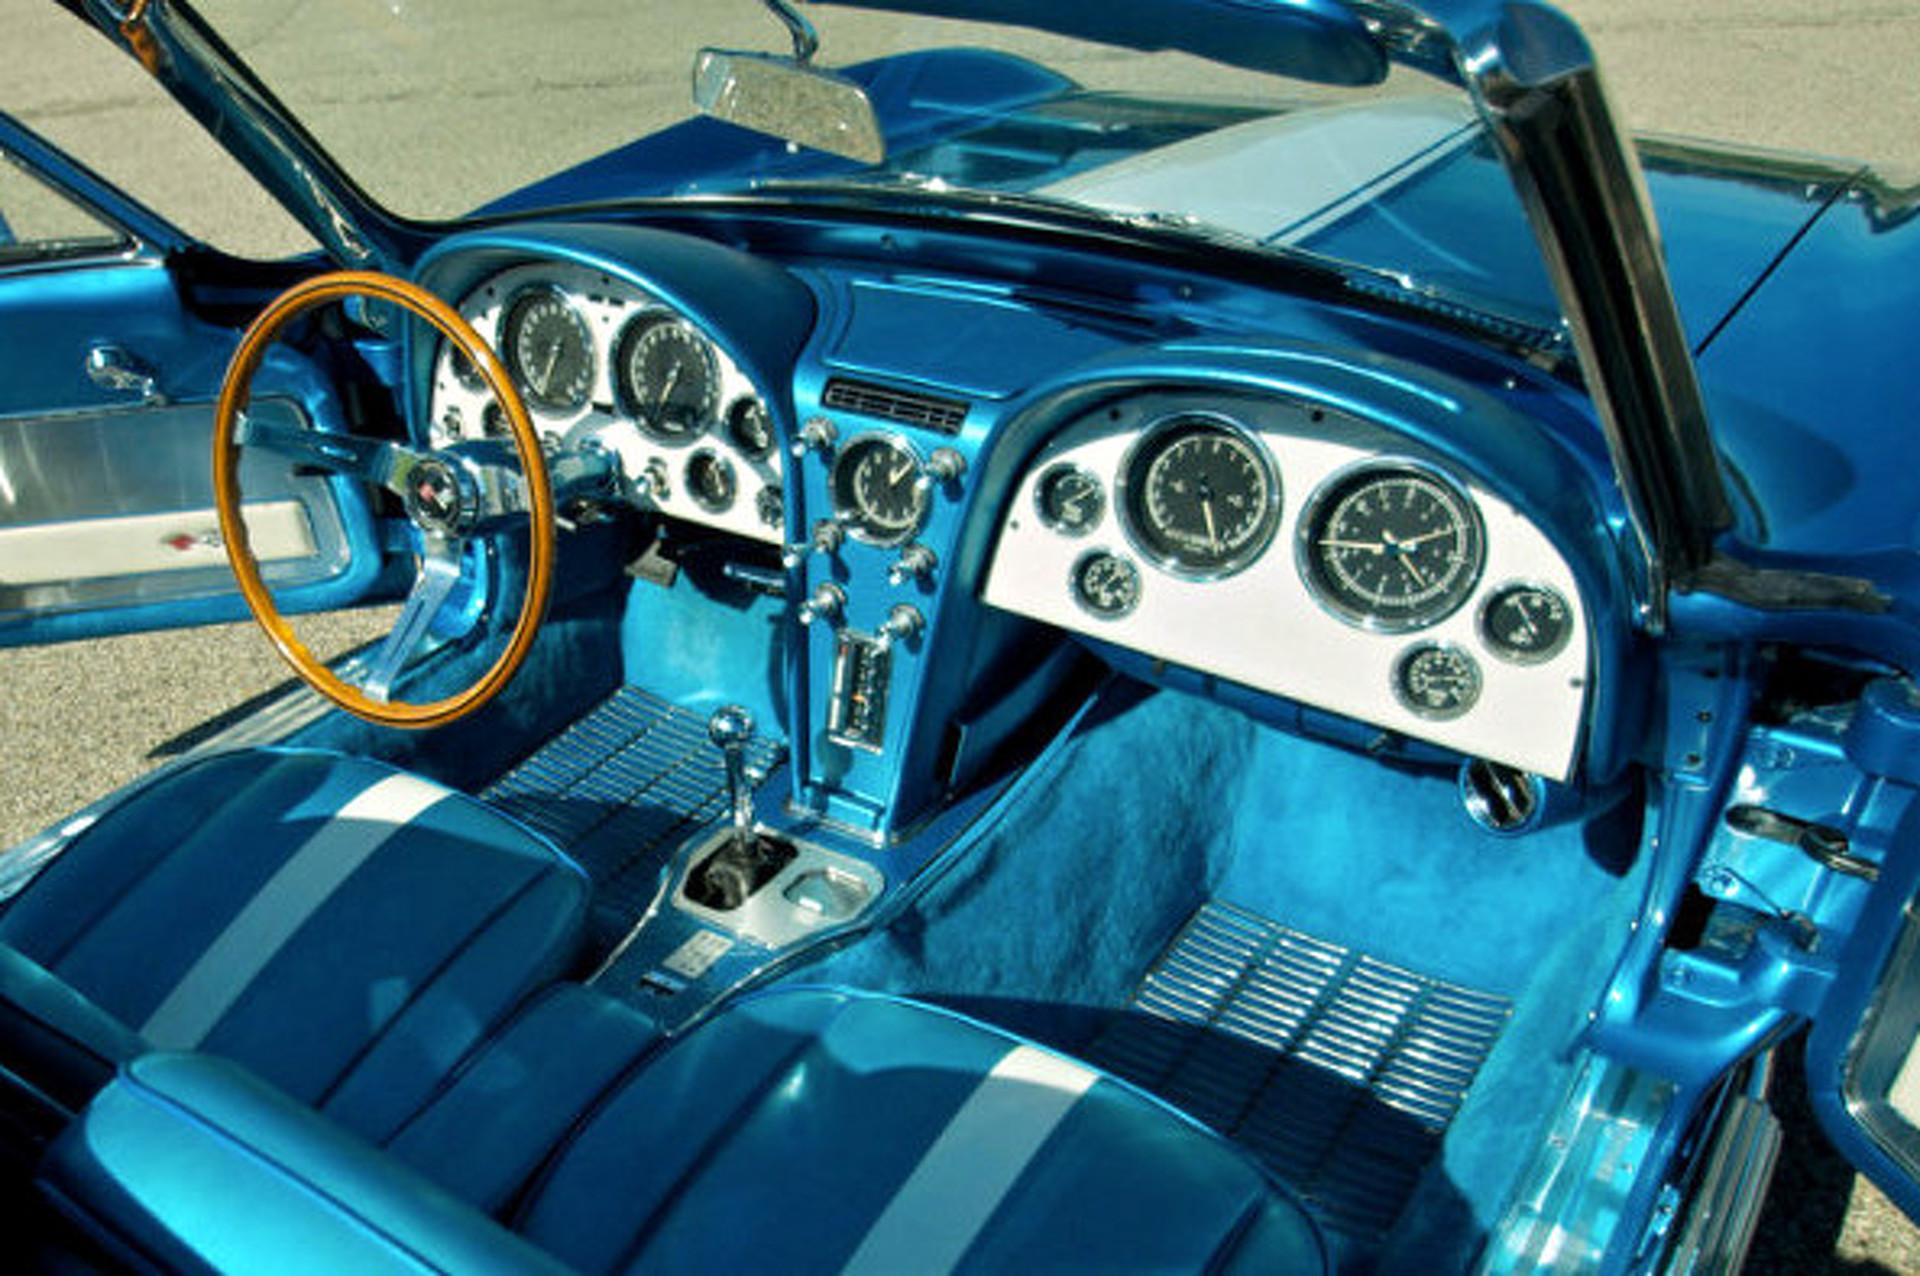 Harley Earl's Custom Corvette Heads to Auction